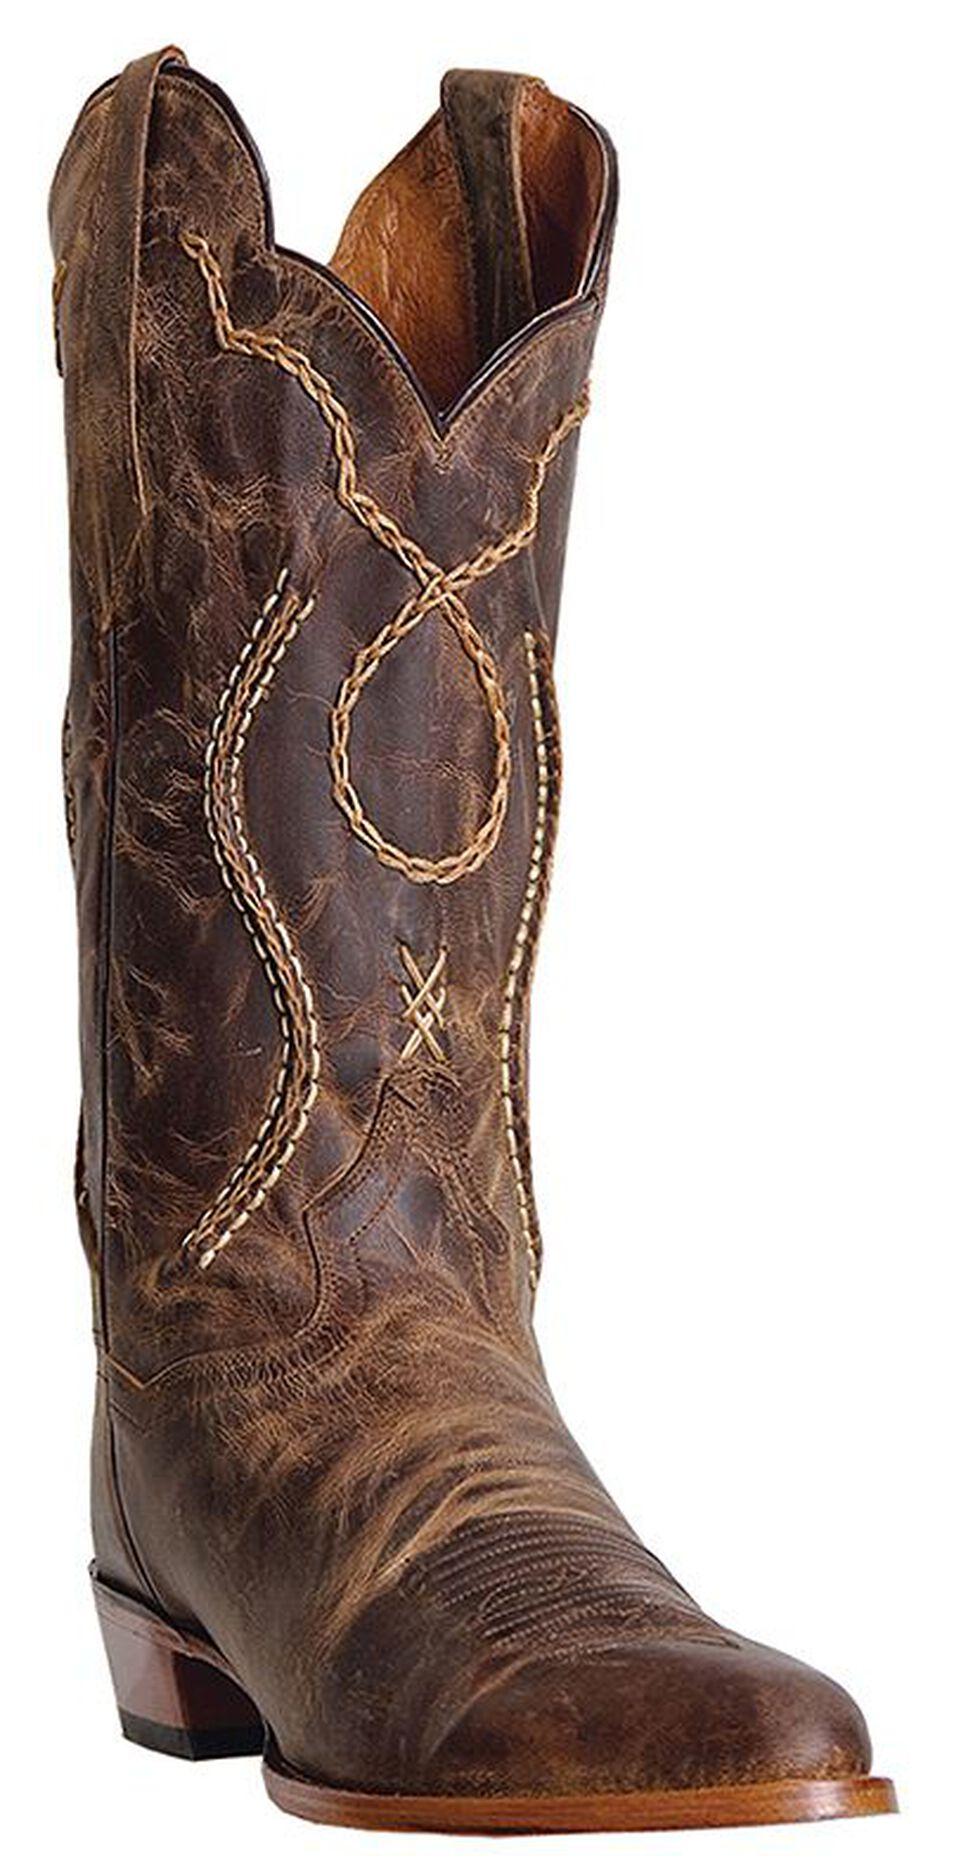 Dan Post Albany Cowboy Boots - Round Toe, Tan, hi-res